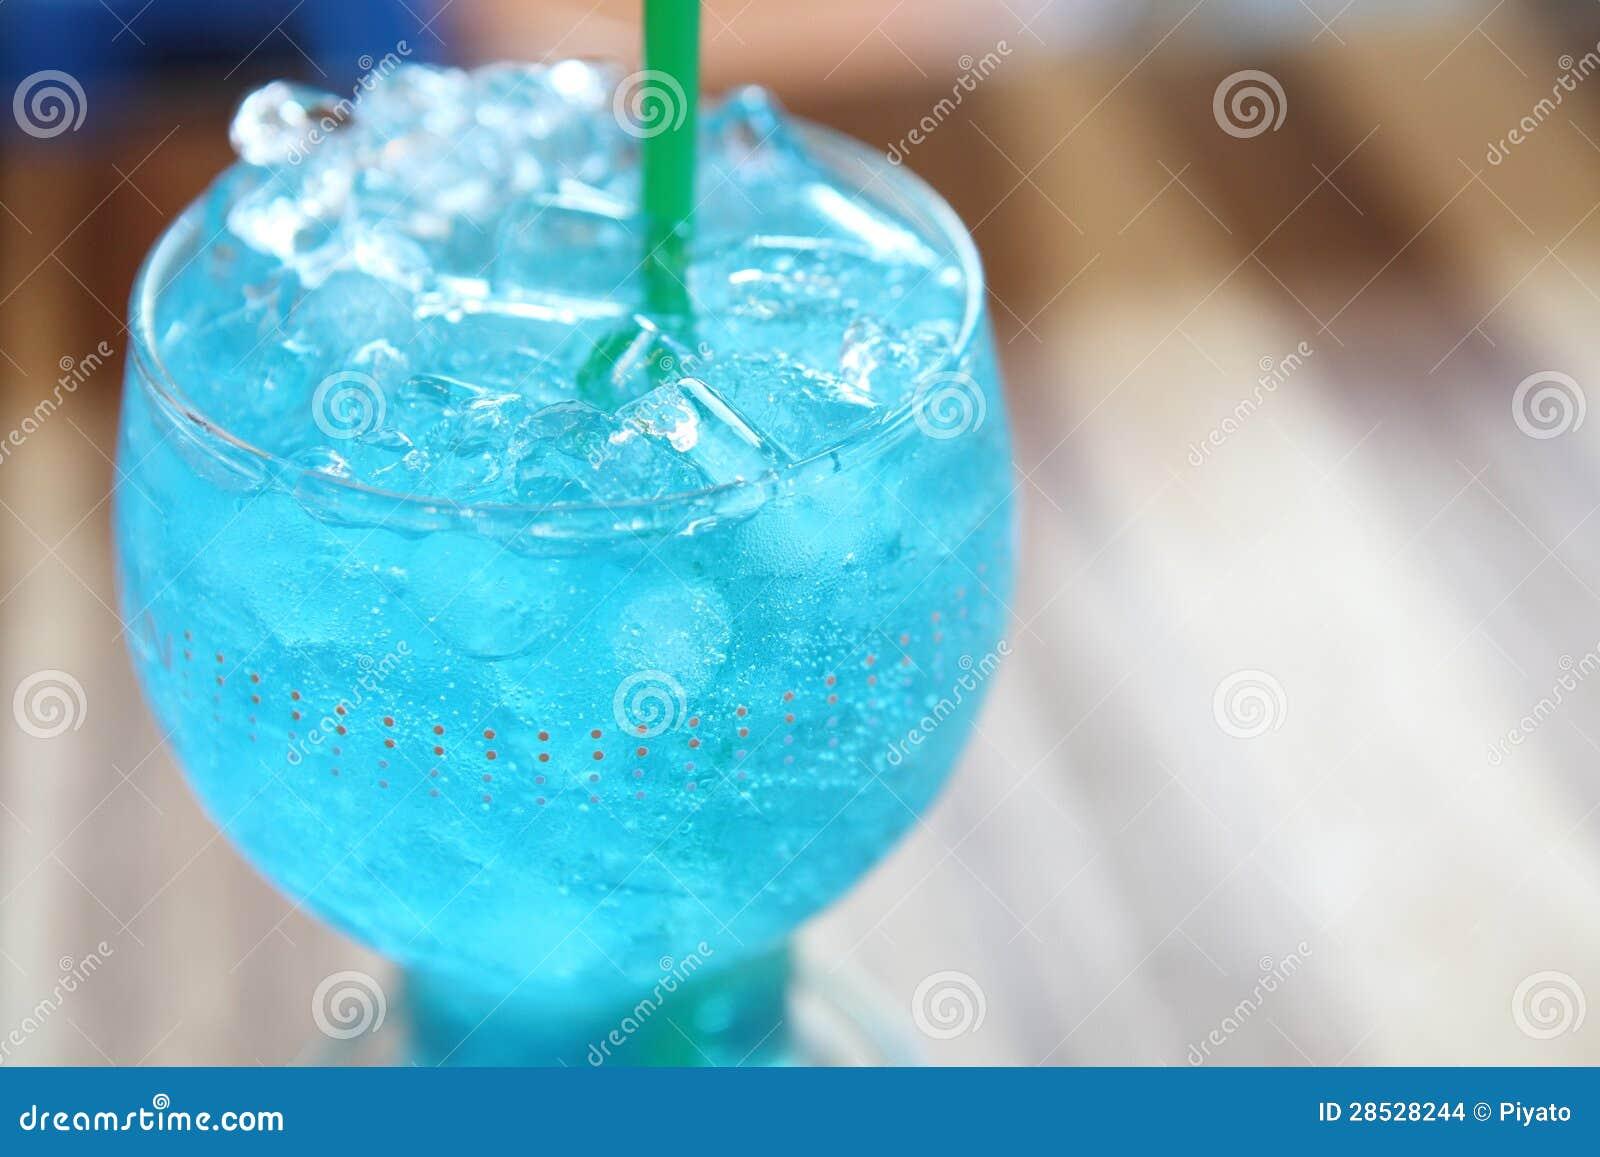 Blue Lemon Soda Stock Images - Image: 28528244